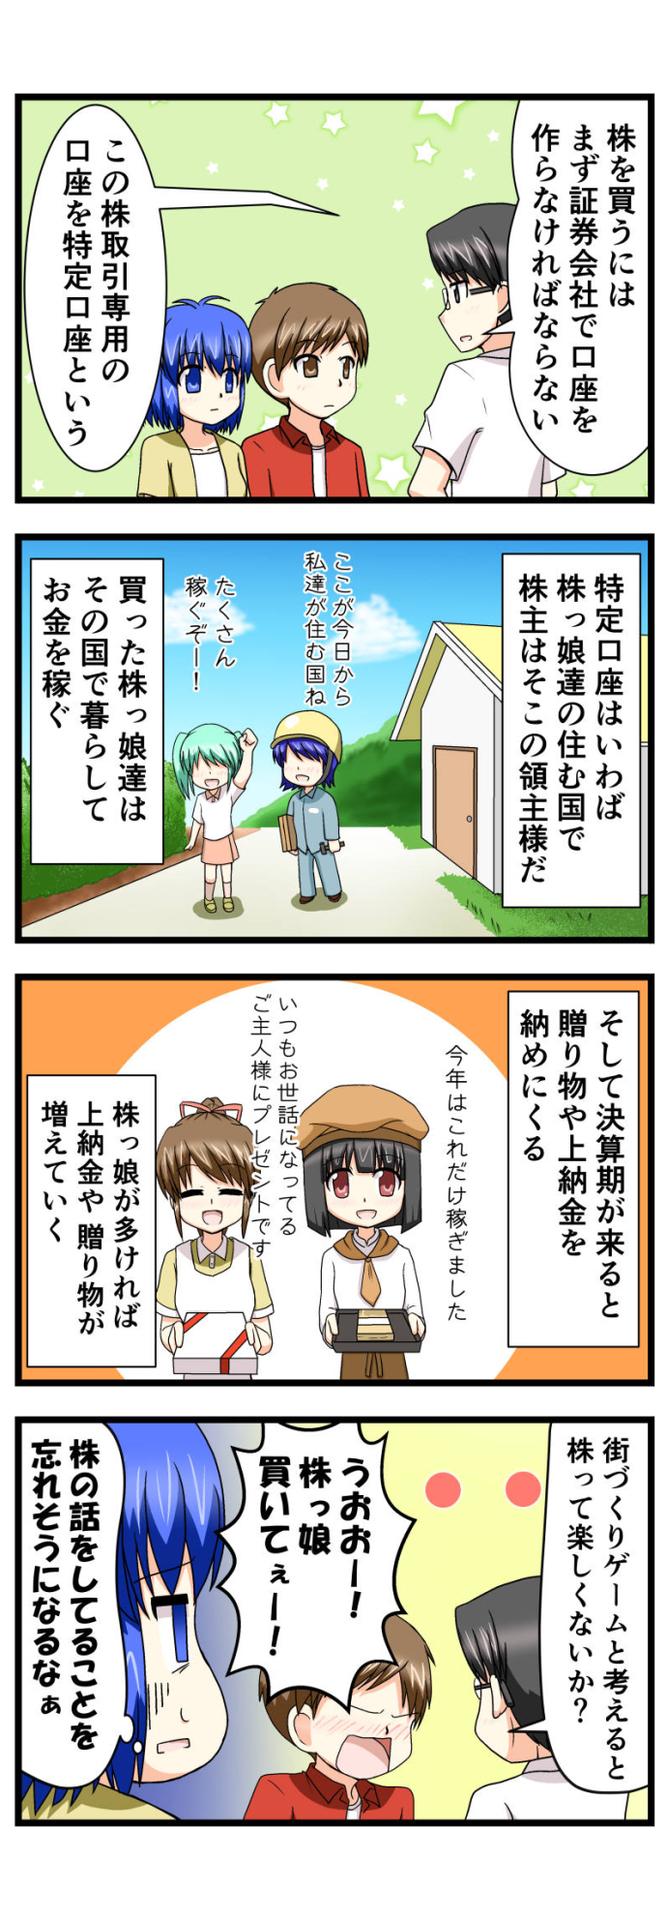 萌える株セミナー20c.jpg